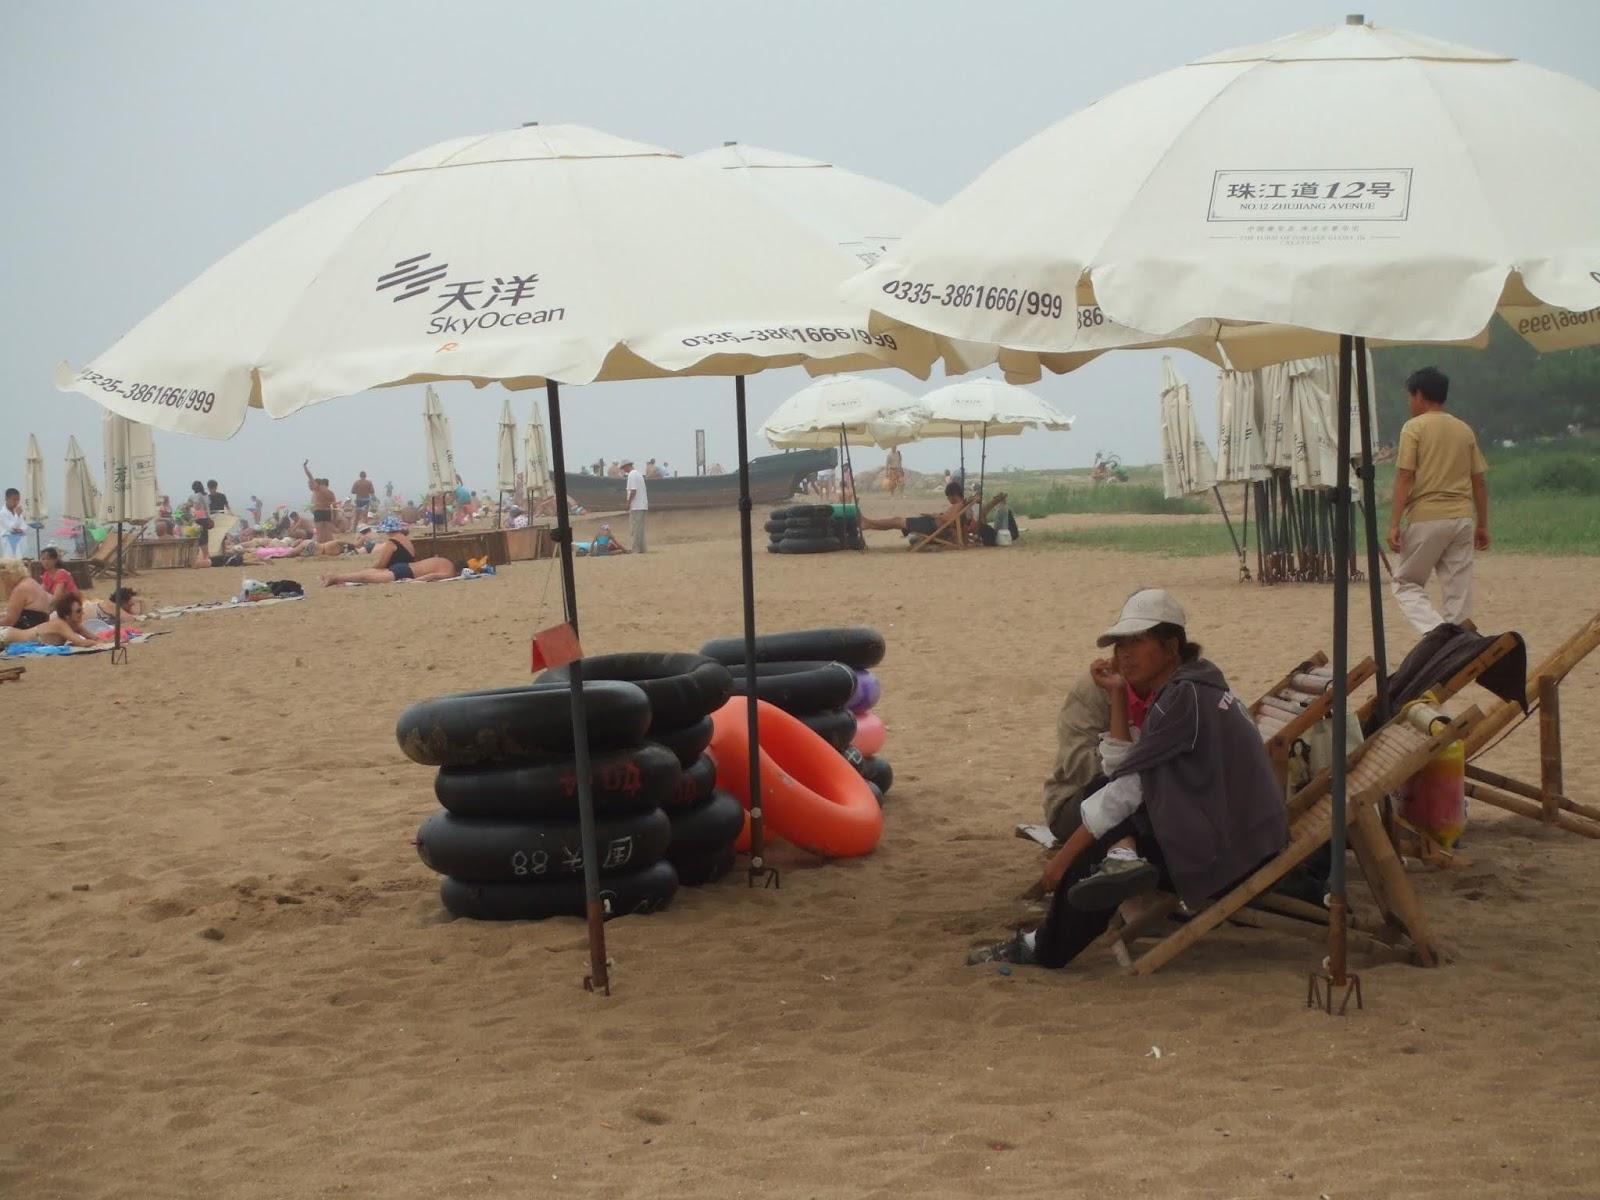 schwarze Schwimmreifen, glber Sand, weiße Sonnenschirme, Menschen